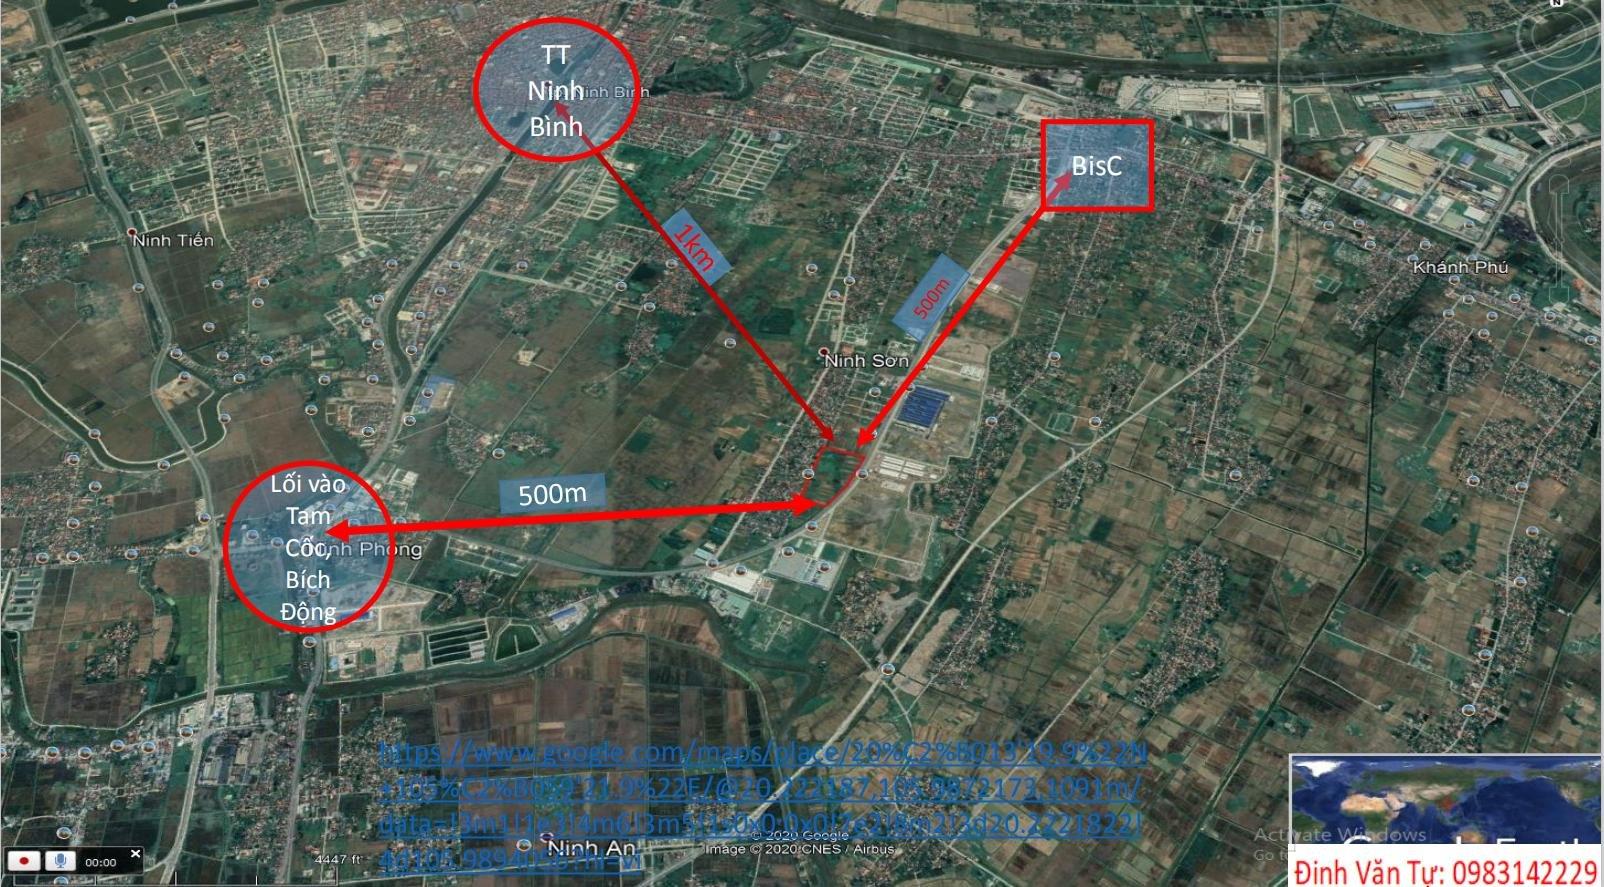 Bán dự án tổ hợp khách sạn 5 sao 7,35ha hoành tráng nhất ngay tại BigC Ninh Bình